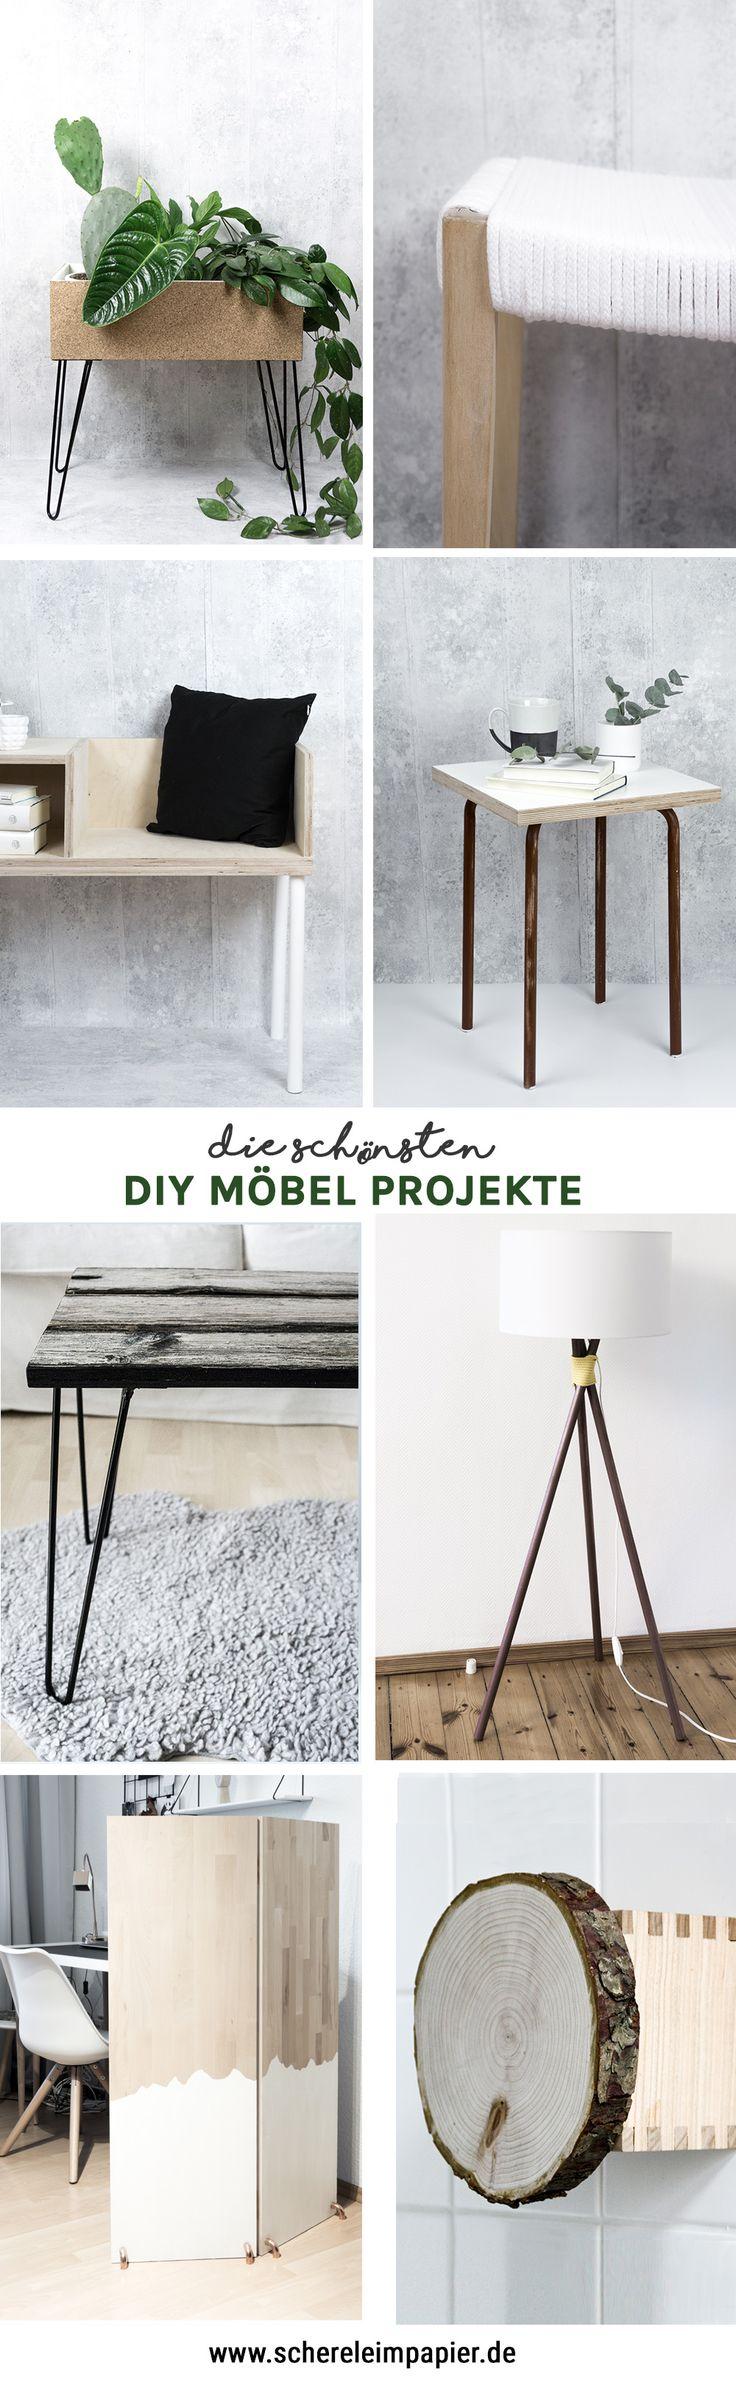 die besten 25 tisch selber bauen ideen auf pinterest. Black Bedroom Furniture Sets. Home Design Ideas